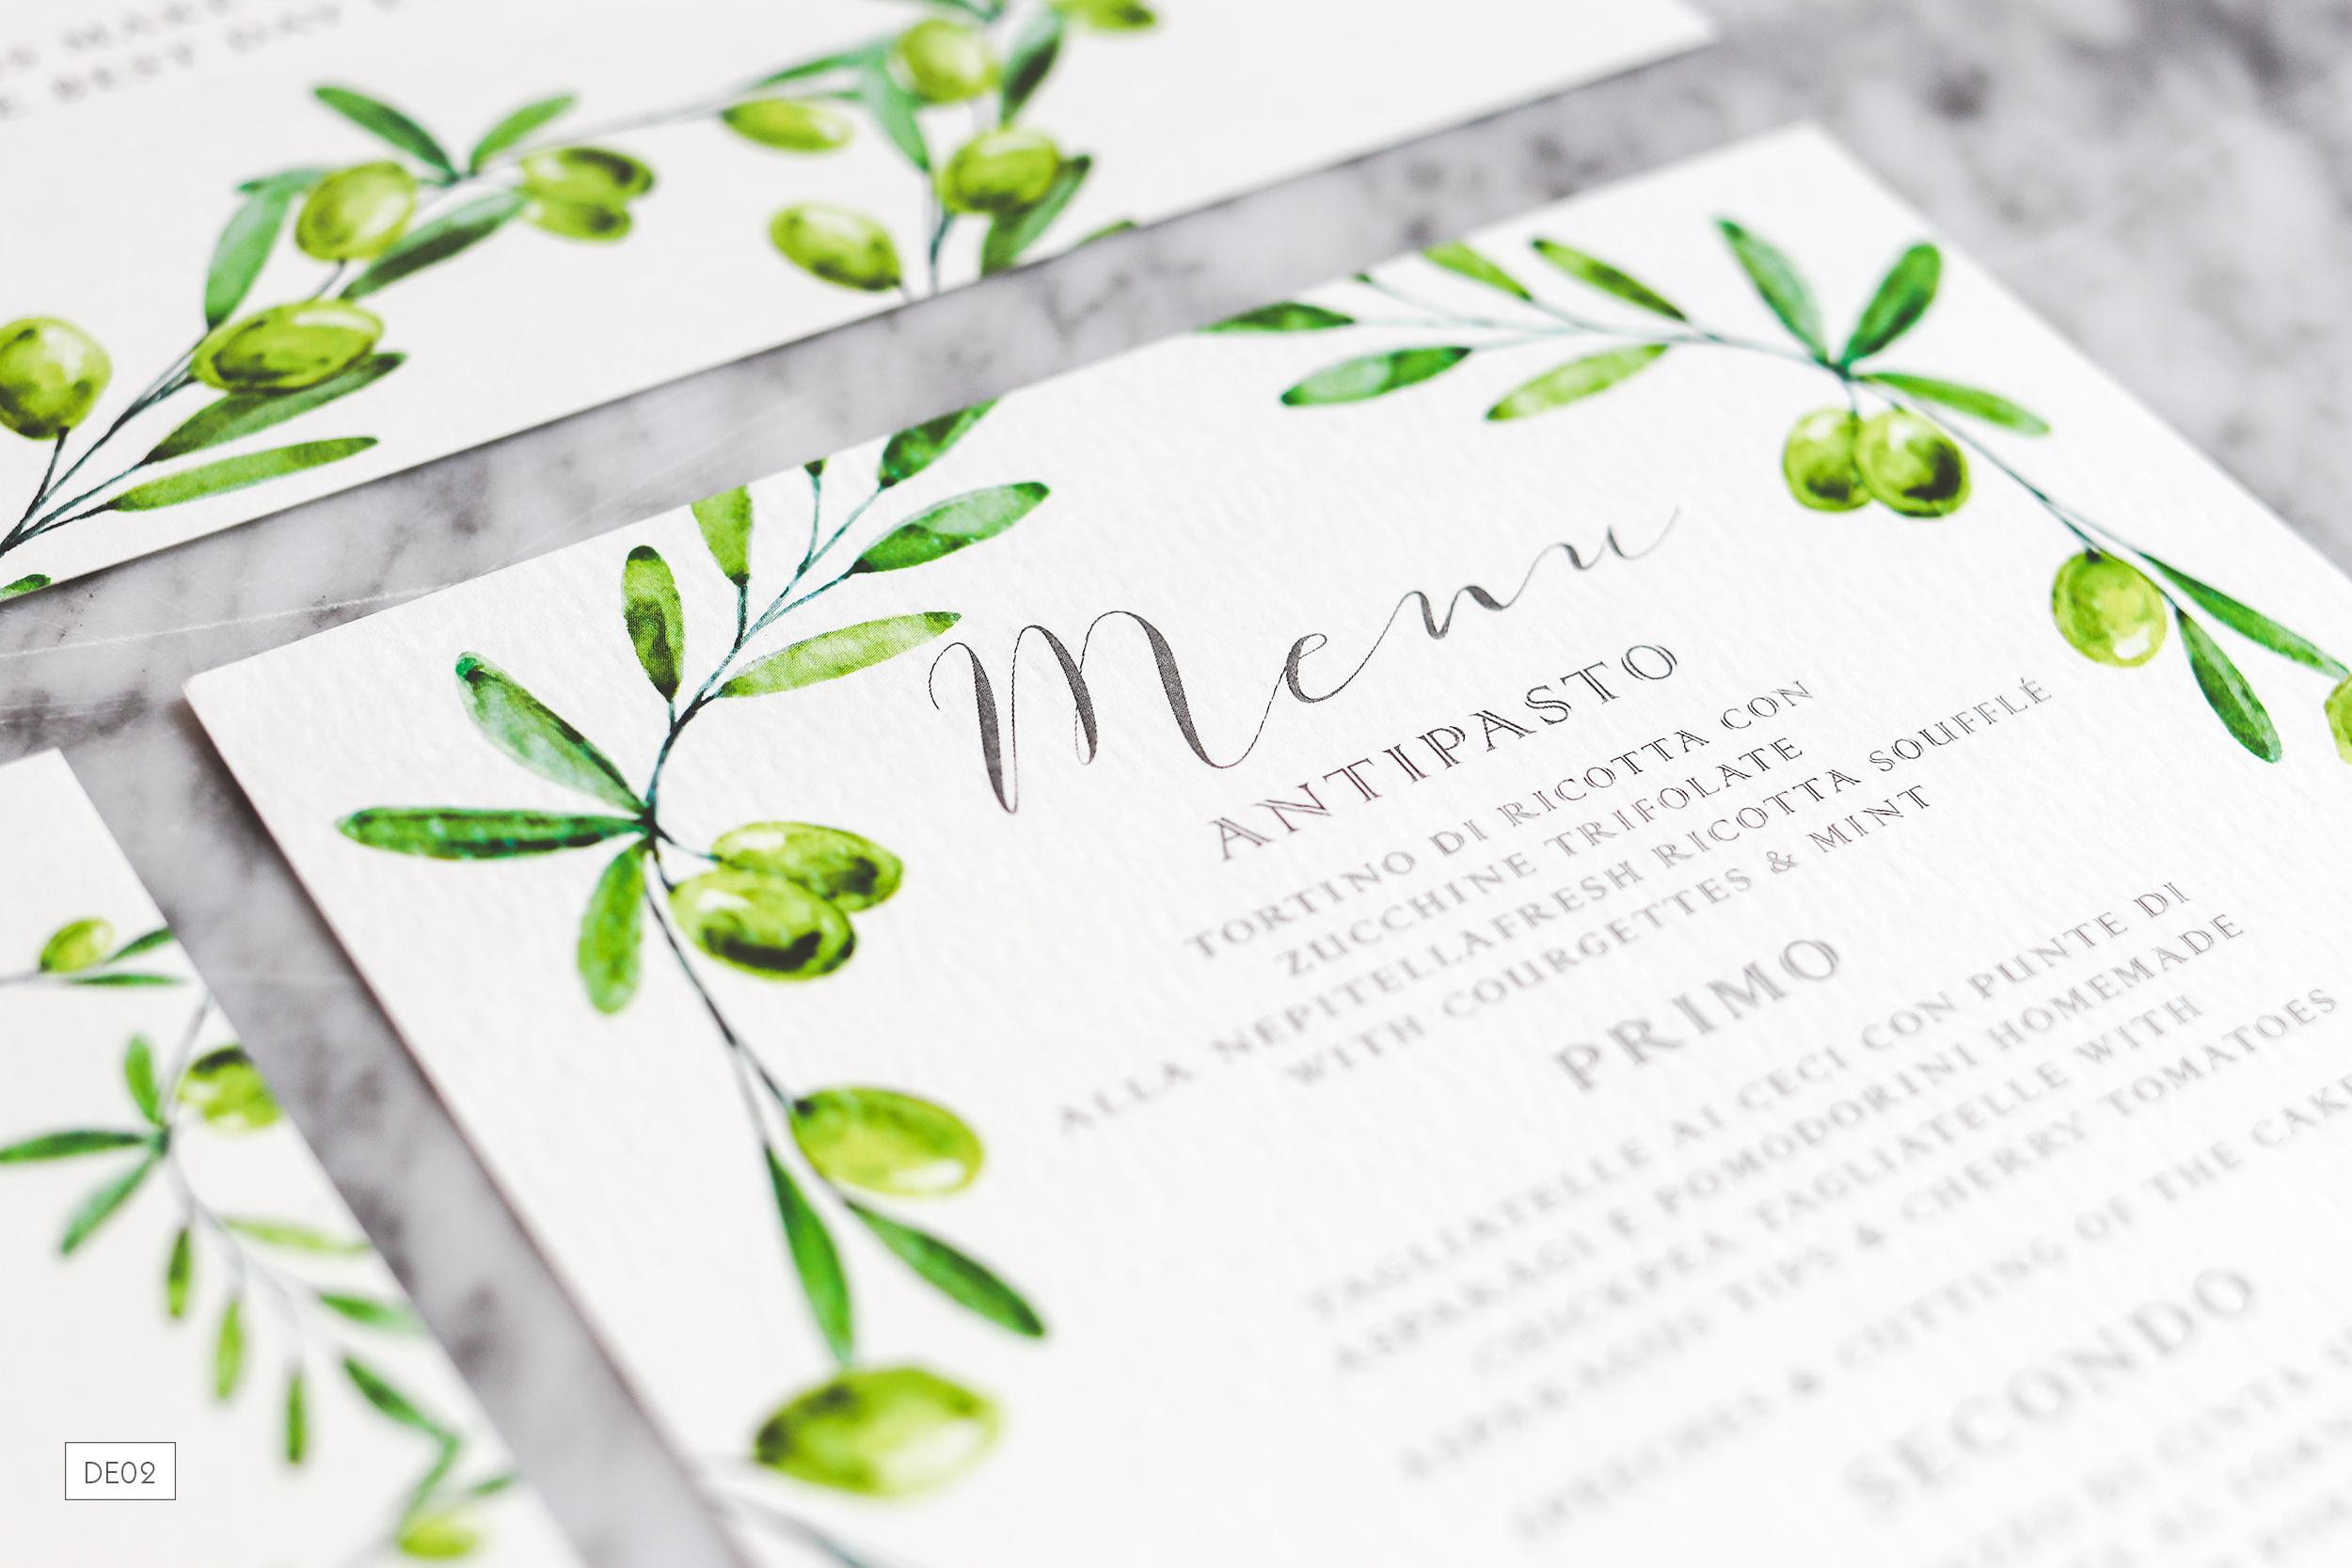 DE02-Destination-Weddings4-Olives_ananyacards.com.jpg